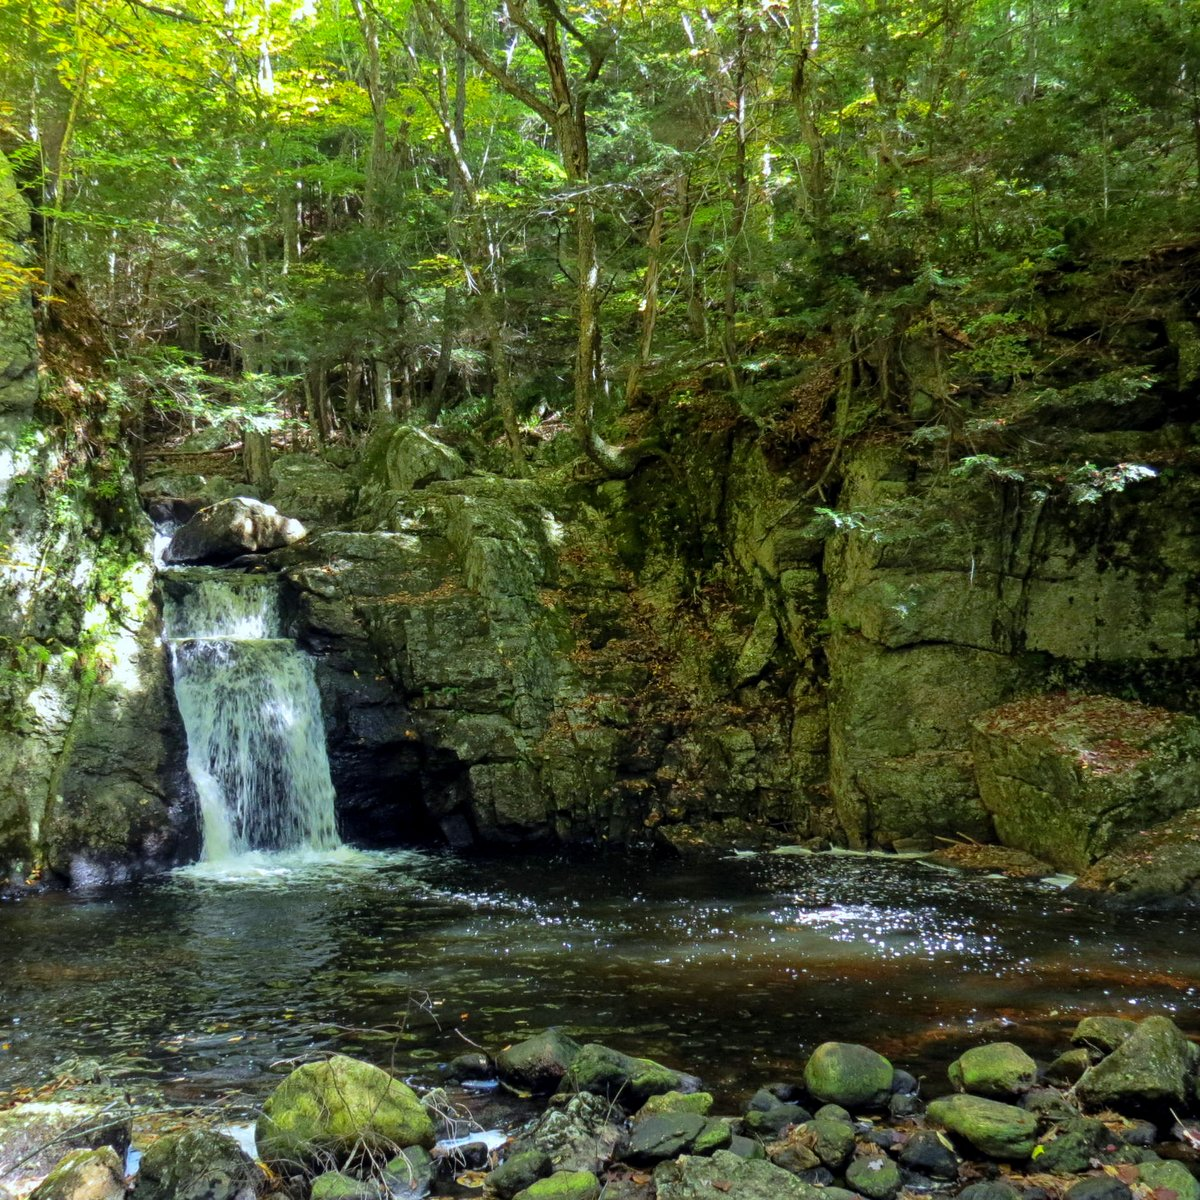 7. Beaver Brook Falls